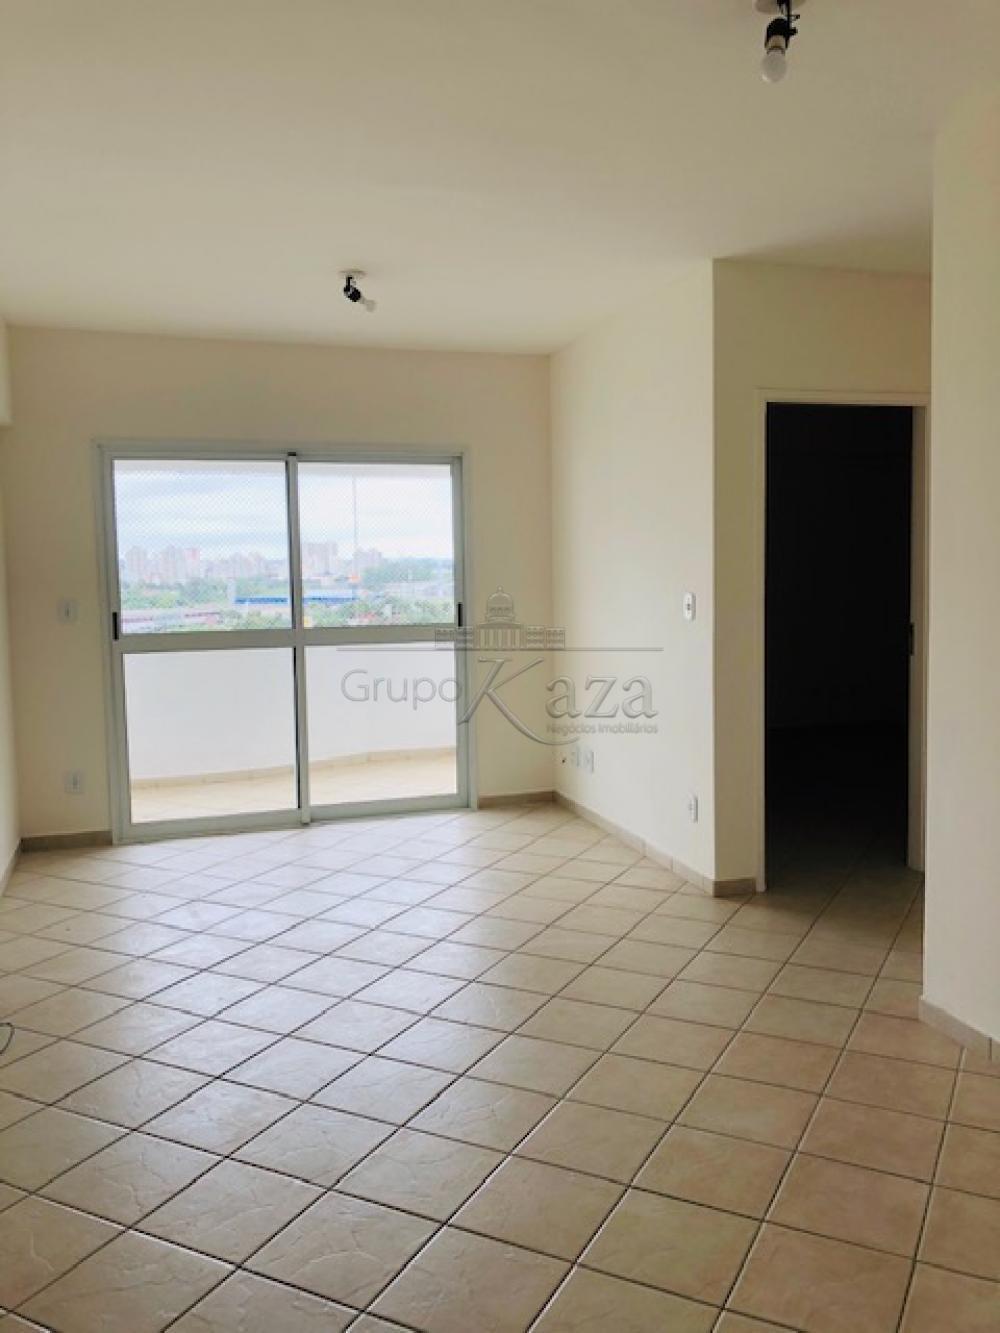 Sao Jose dos Campos Apartamento Venda R$320.000,00 Condominio R$430,00 2 Dormitorios 1 Suite Area construida 66.00m2